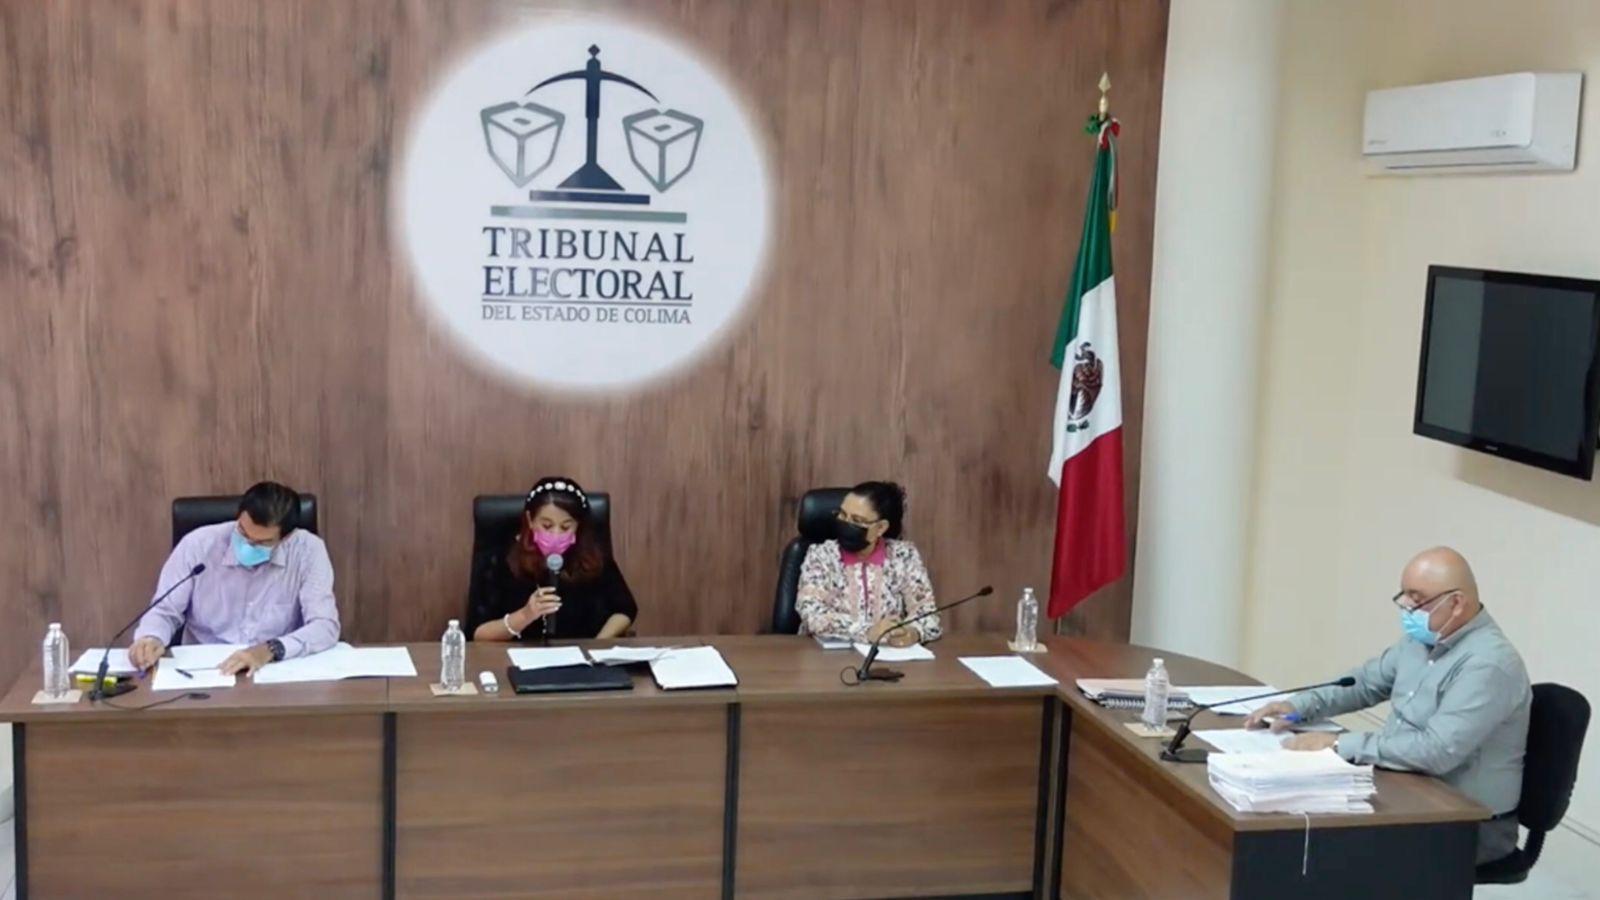 TEE amonesta a Margarita Moreno por imágenes de menores, sin consentimiento